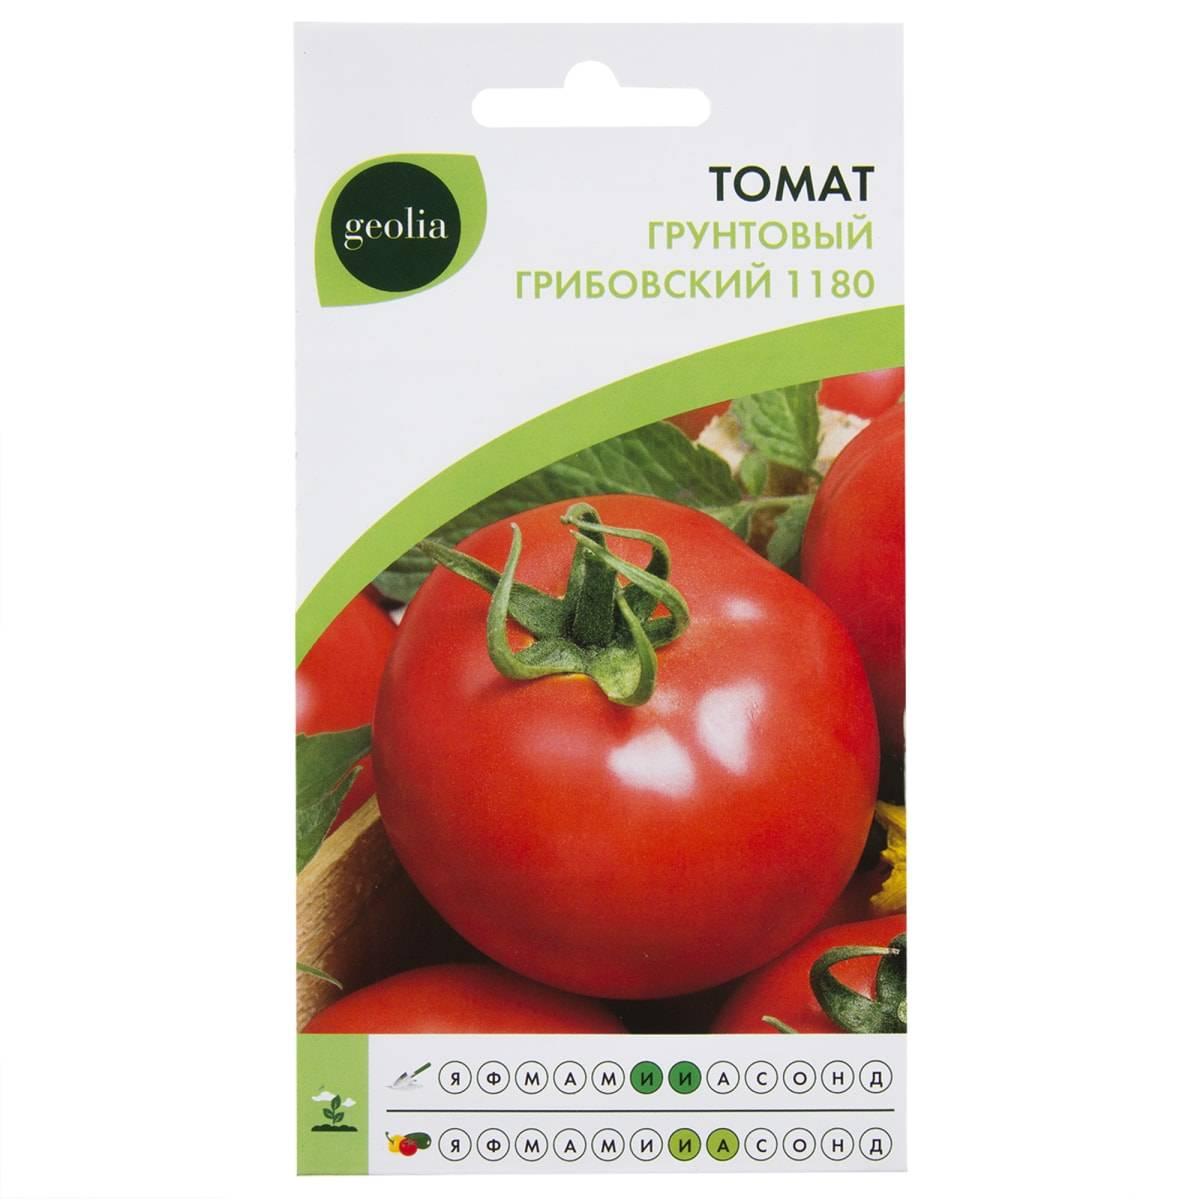 Томат ультраскороспелый: отзывы, фото, урожайность, описание и характеристика | tomatland.ru